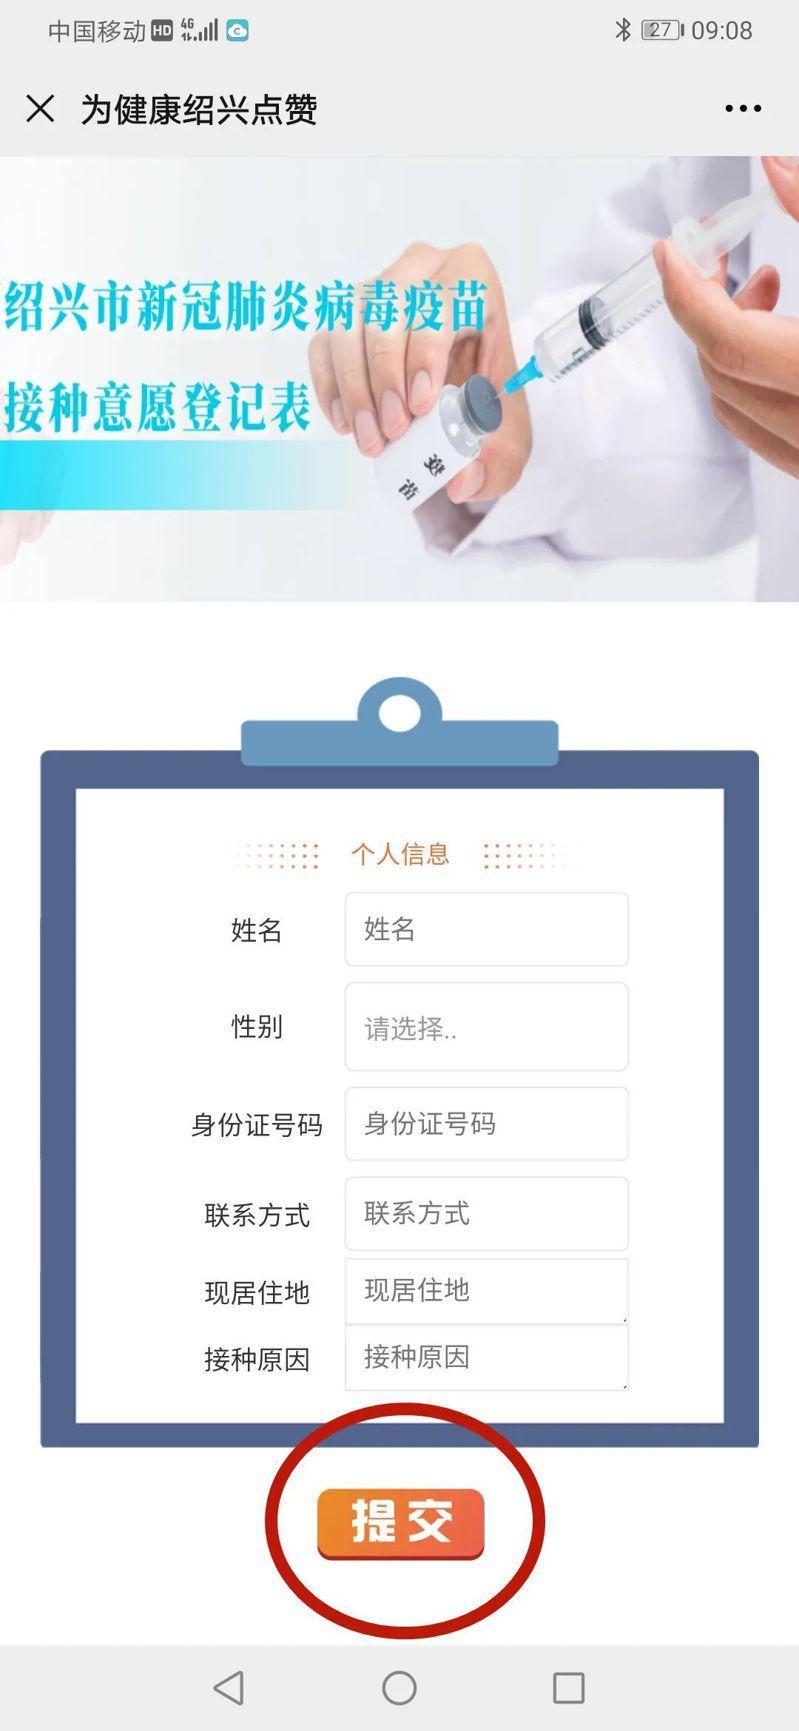 浙江省紹興市20日開放新冠疫苗緊急接種登記,市民可通過紹興市衛生健康委員會官方公眾號預約。紹興衛健公眾號